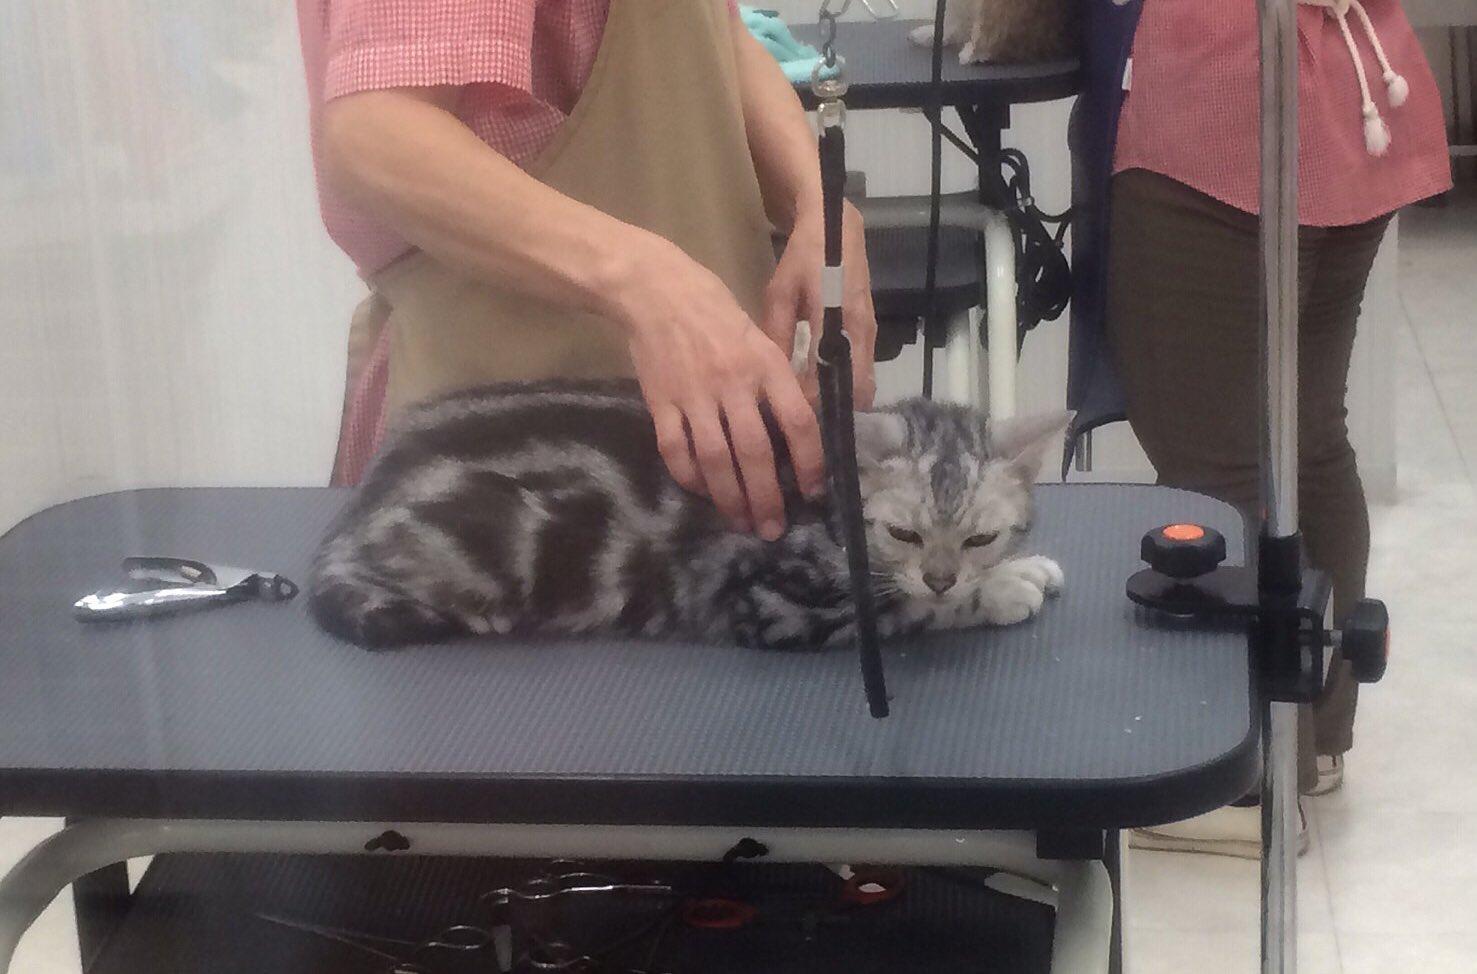 あなたのためなのにww愛猫を爪切りに連れて行ったら強烈に睨まれたww